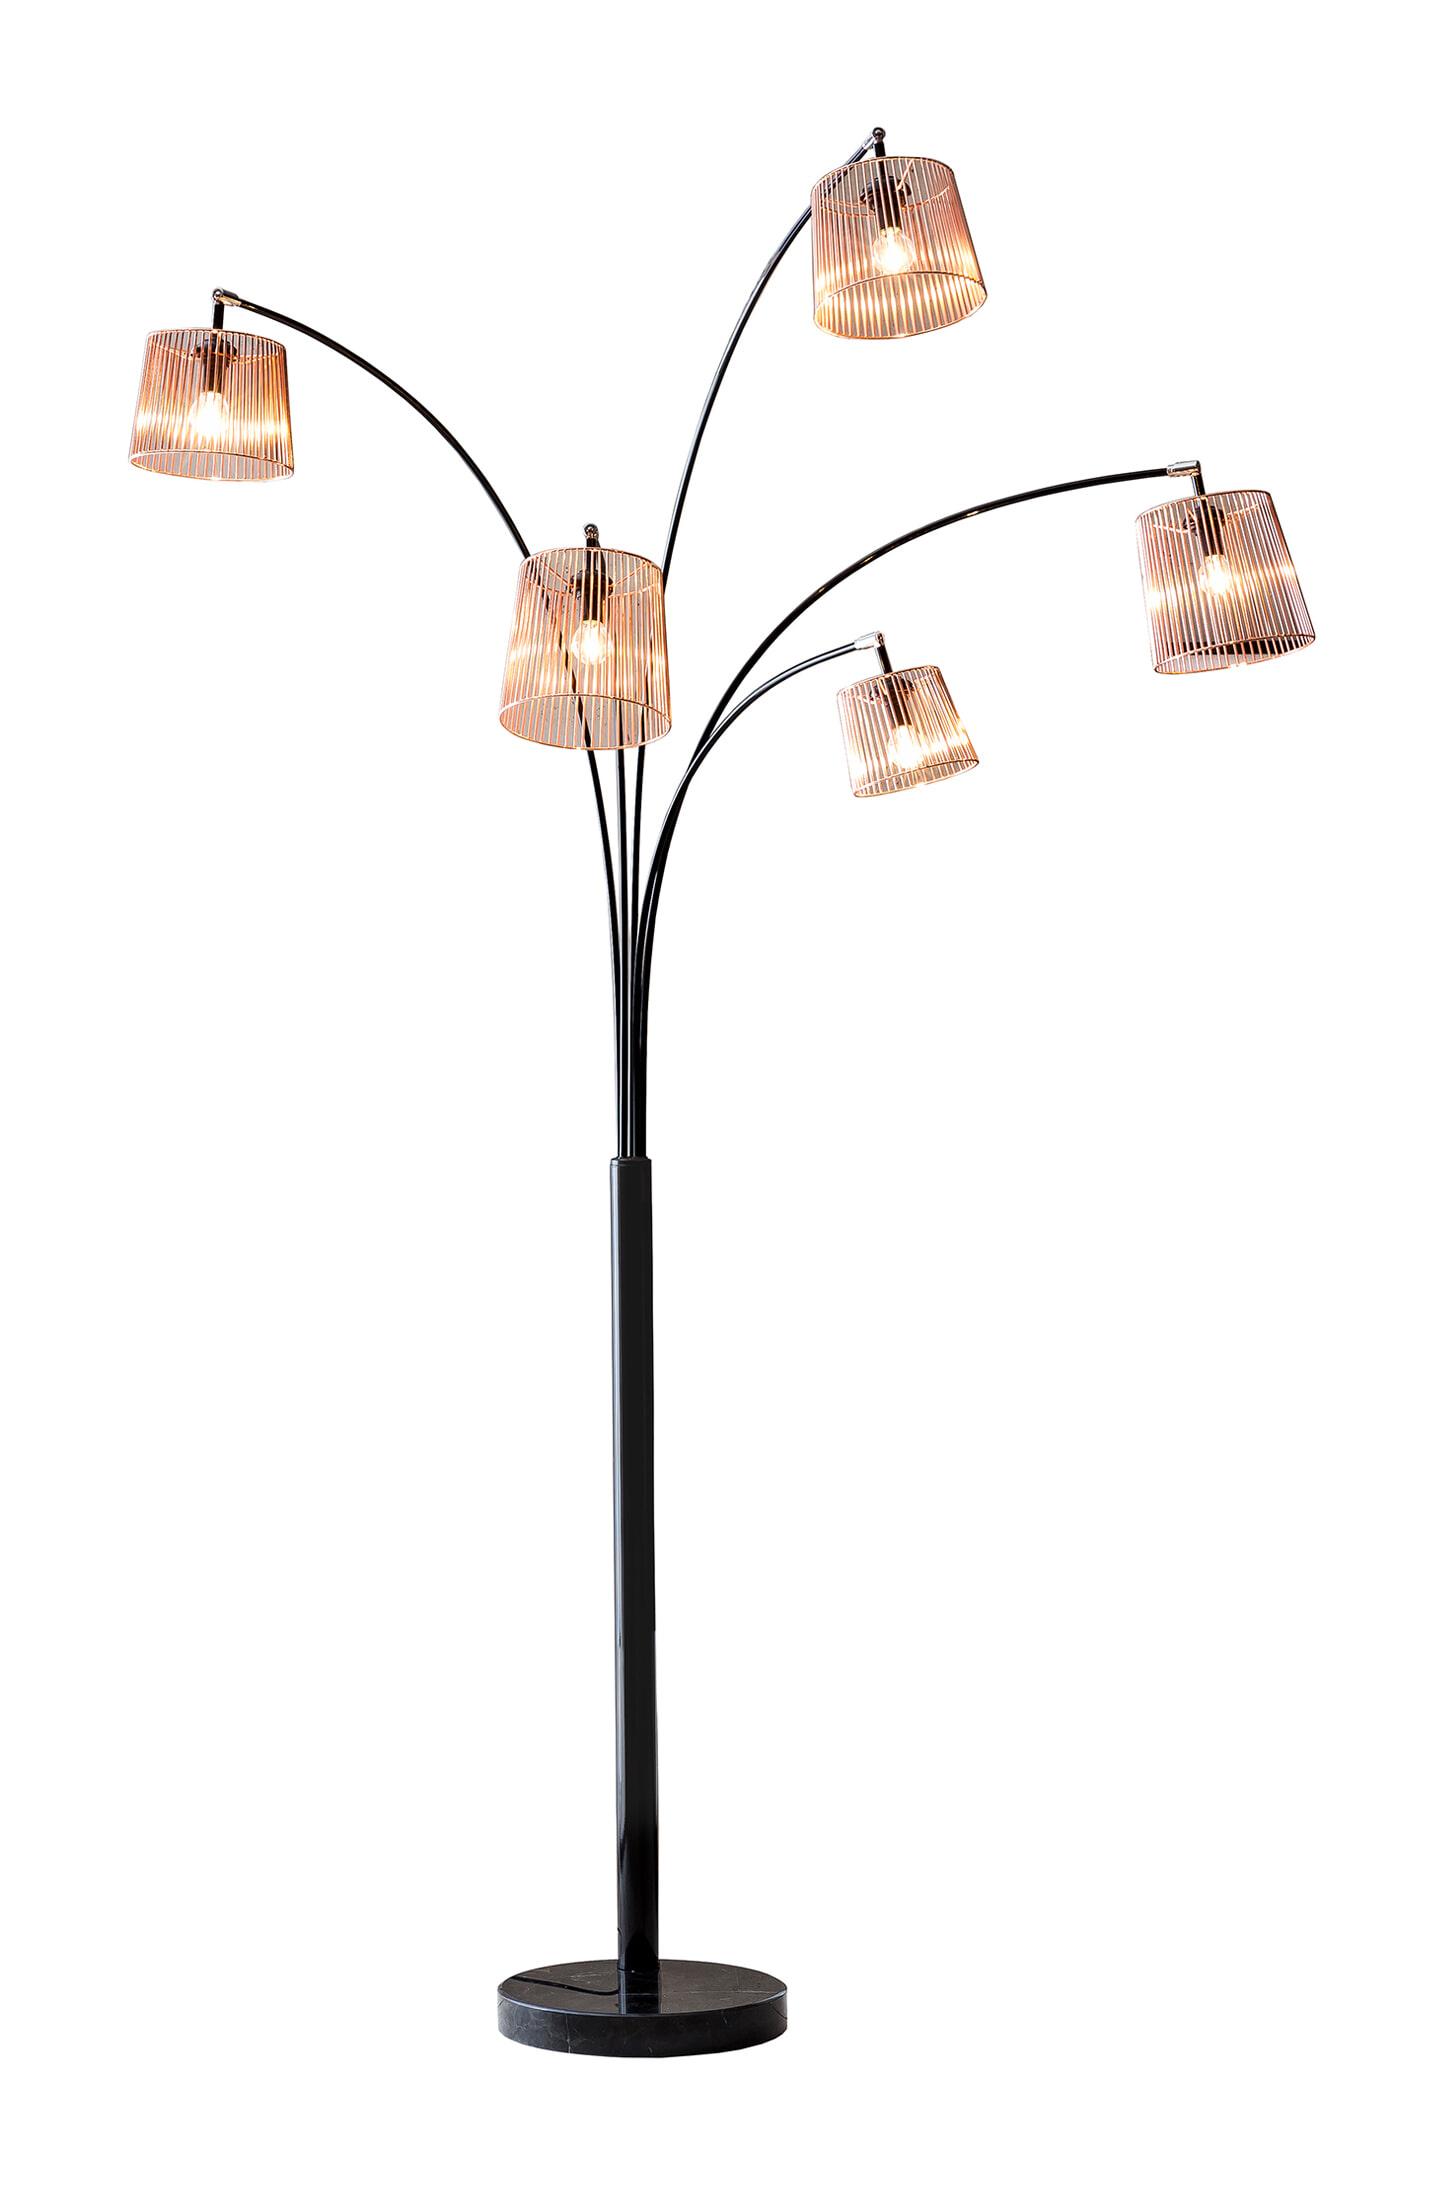 Artistiq Vloerlamp 'Stefanie' 5-lamps